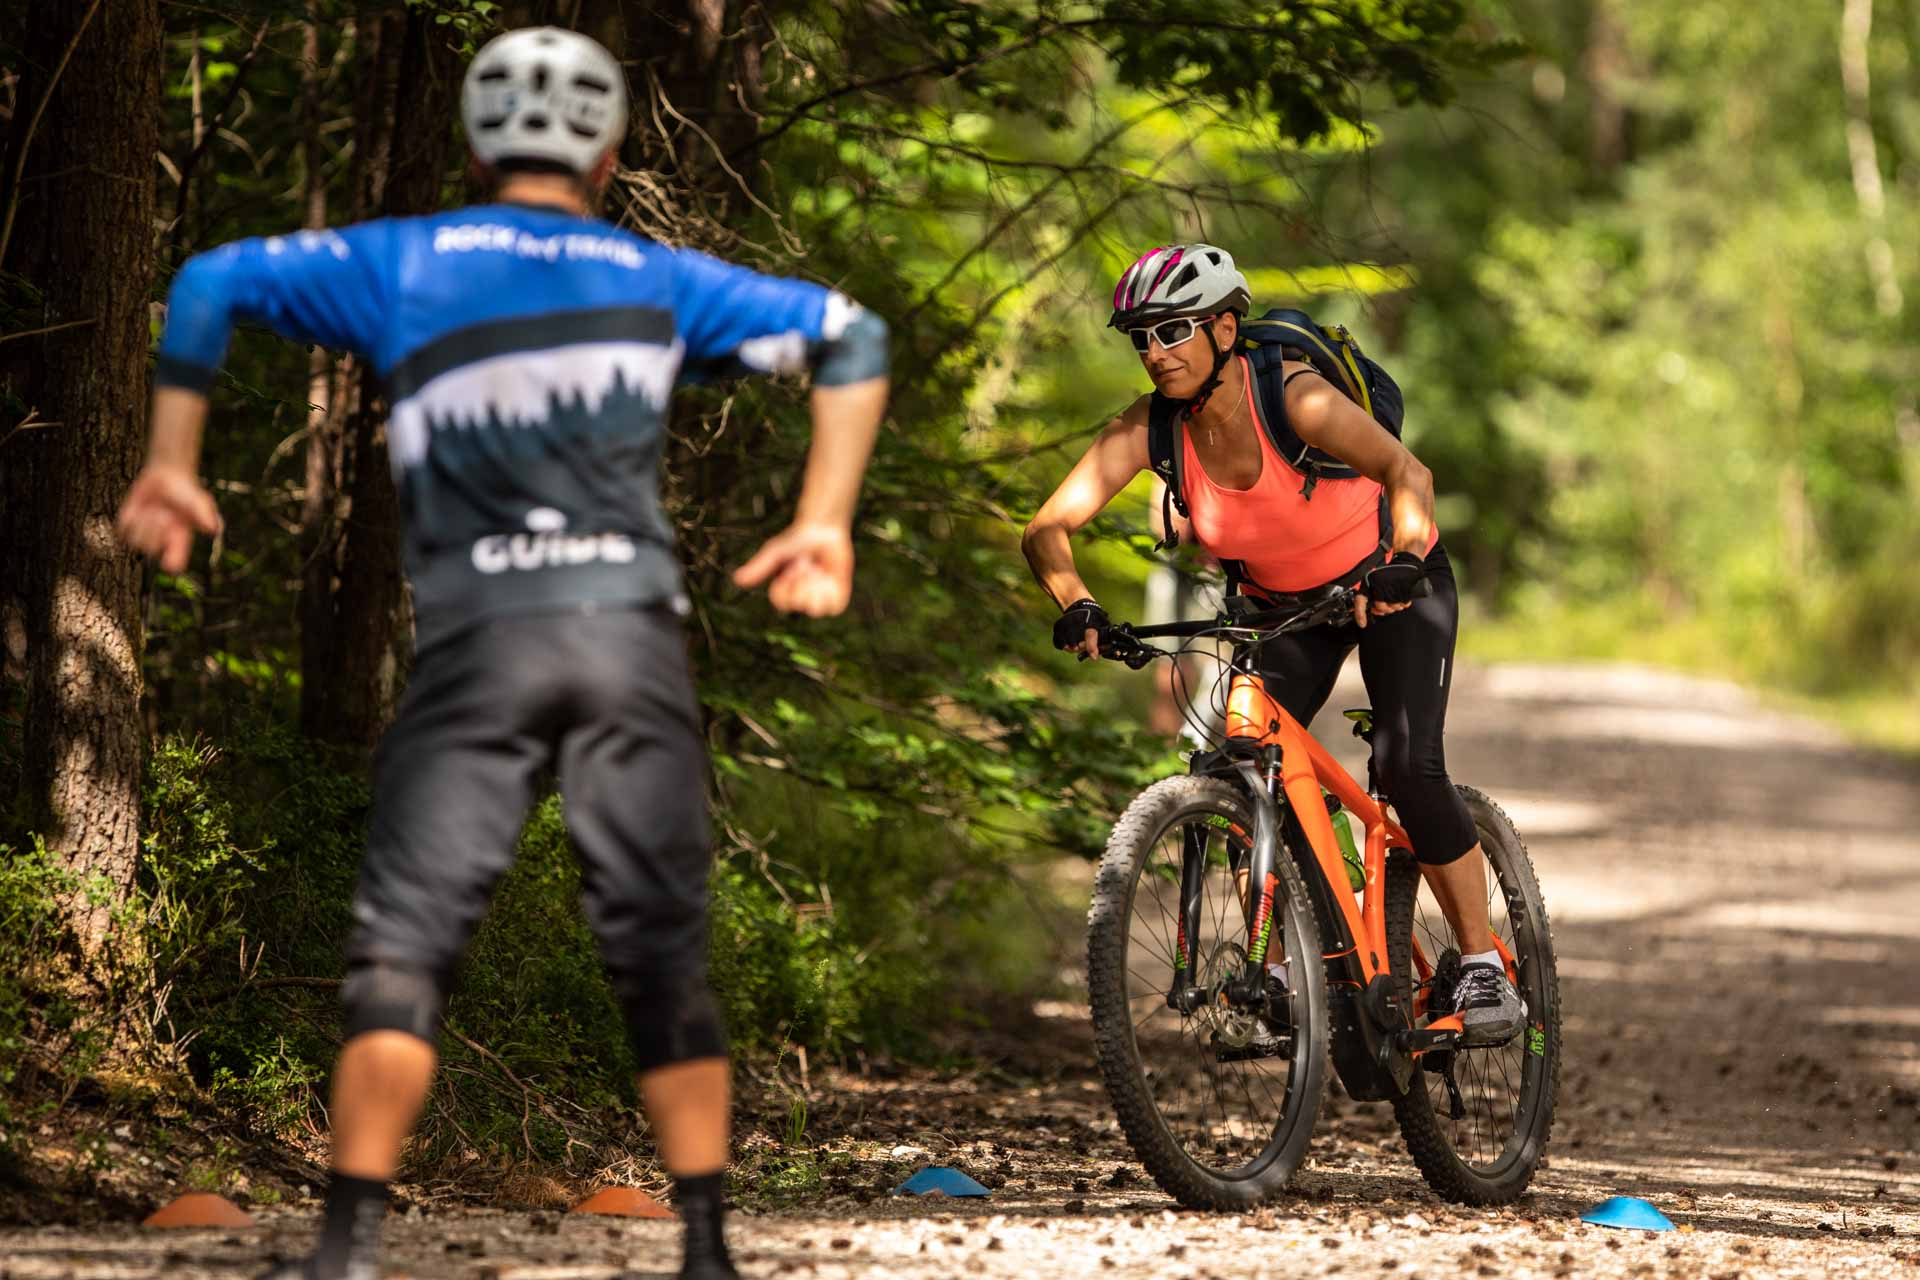 Mountainbike Frauen Kurs in Nürnberg - Rock my Trail Fahrtechnik Bikeschule